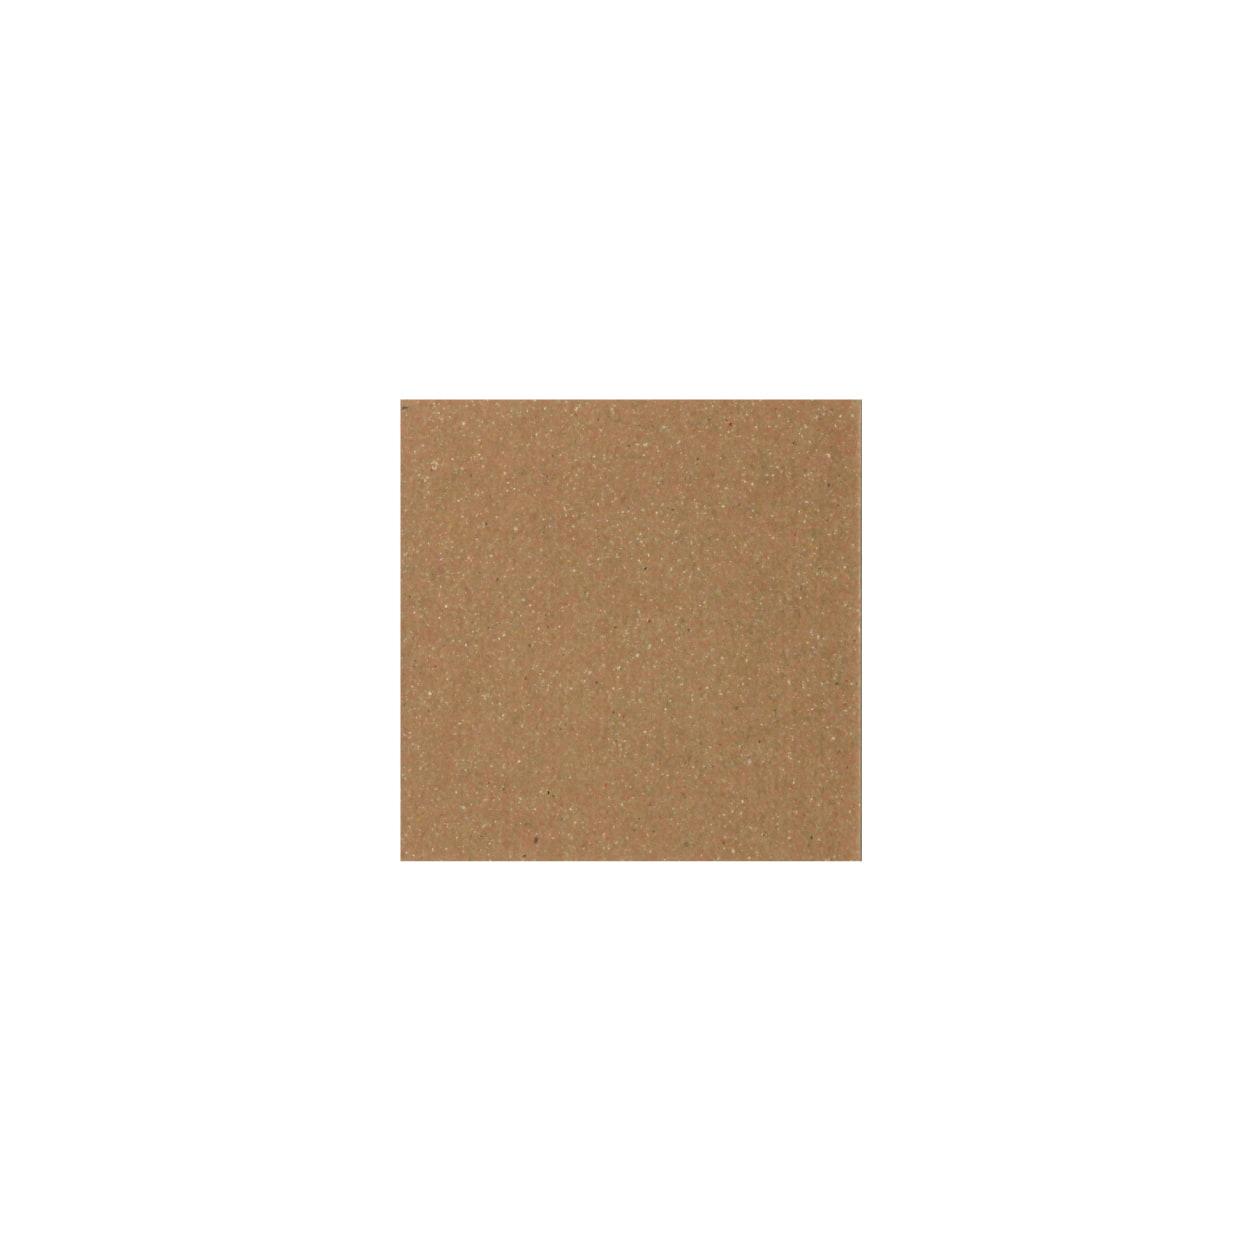 サンプル カード・シート 00019